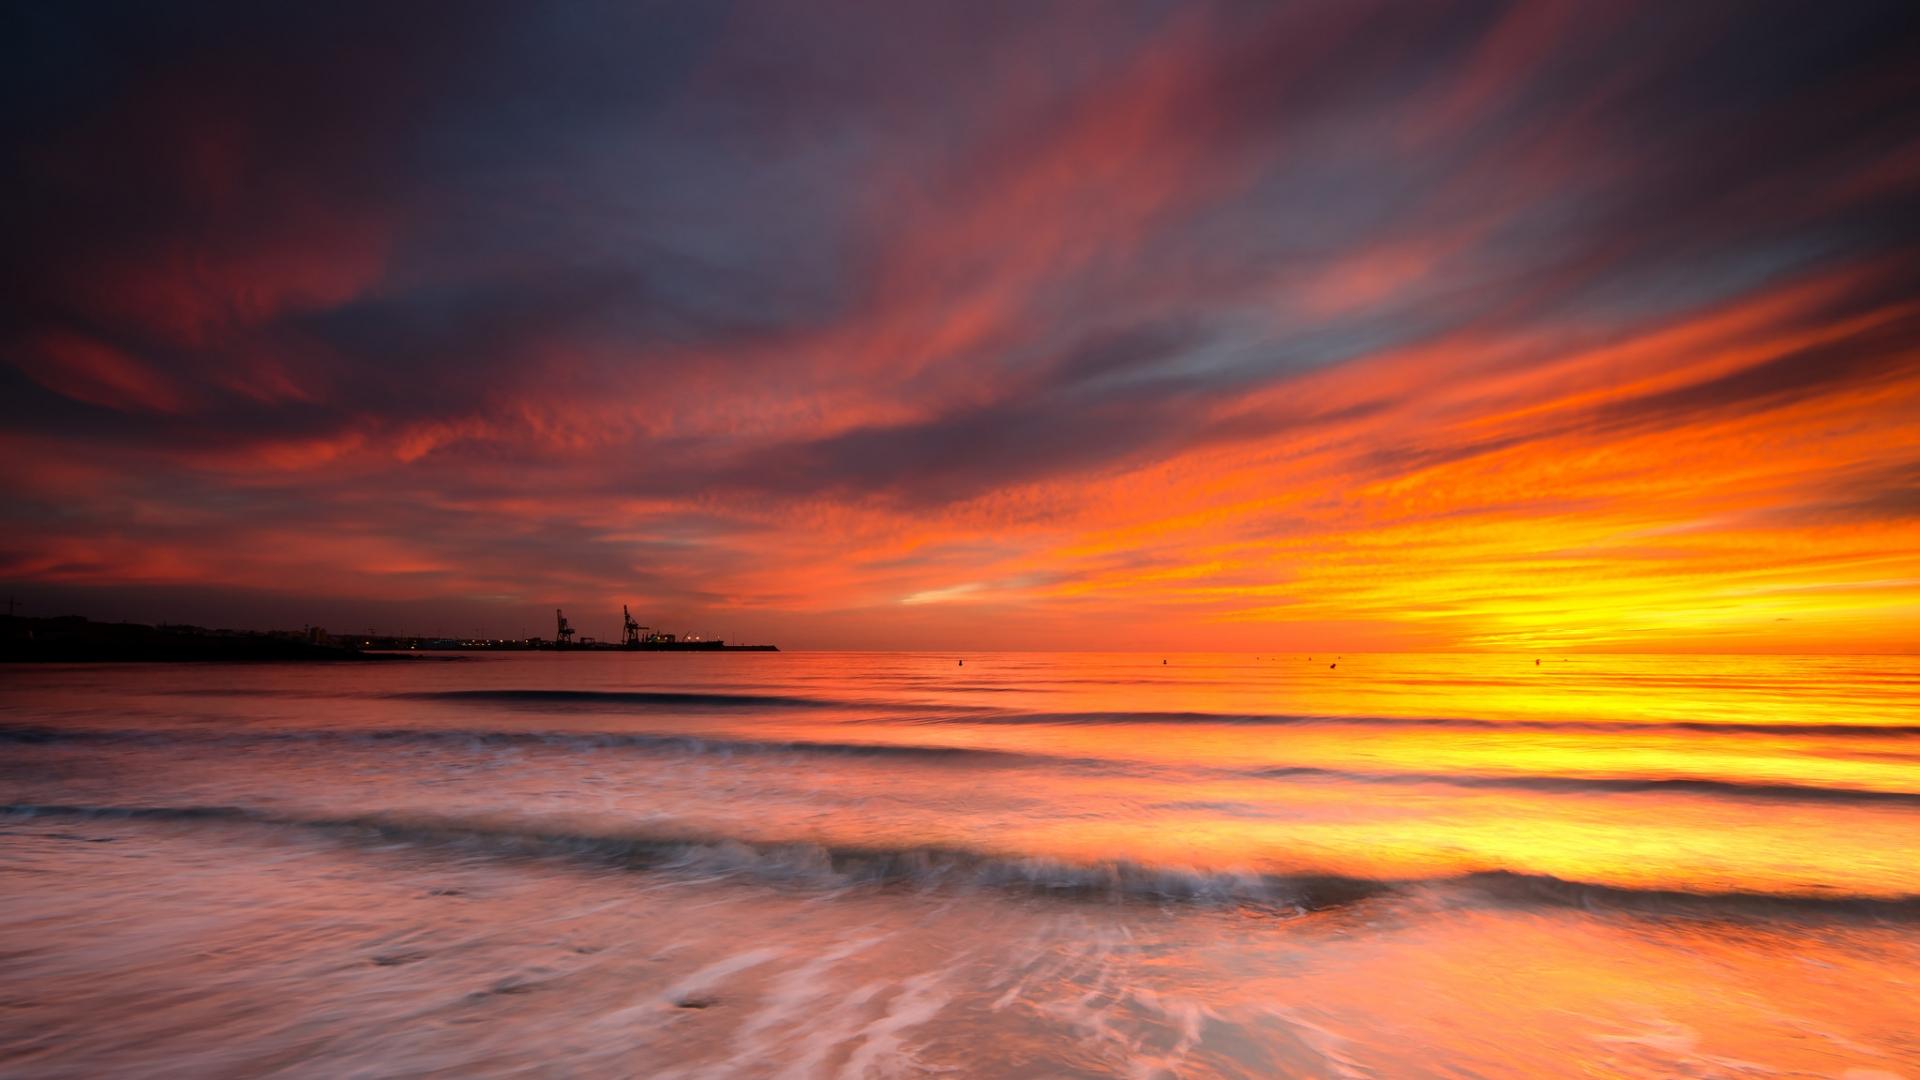 Cielo naranja en el mar - 1920x1080